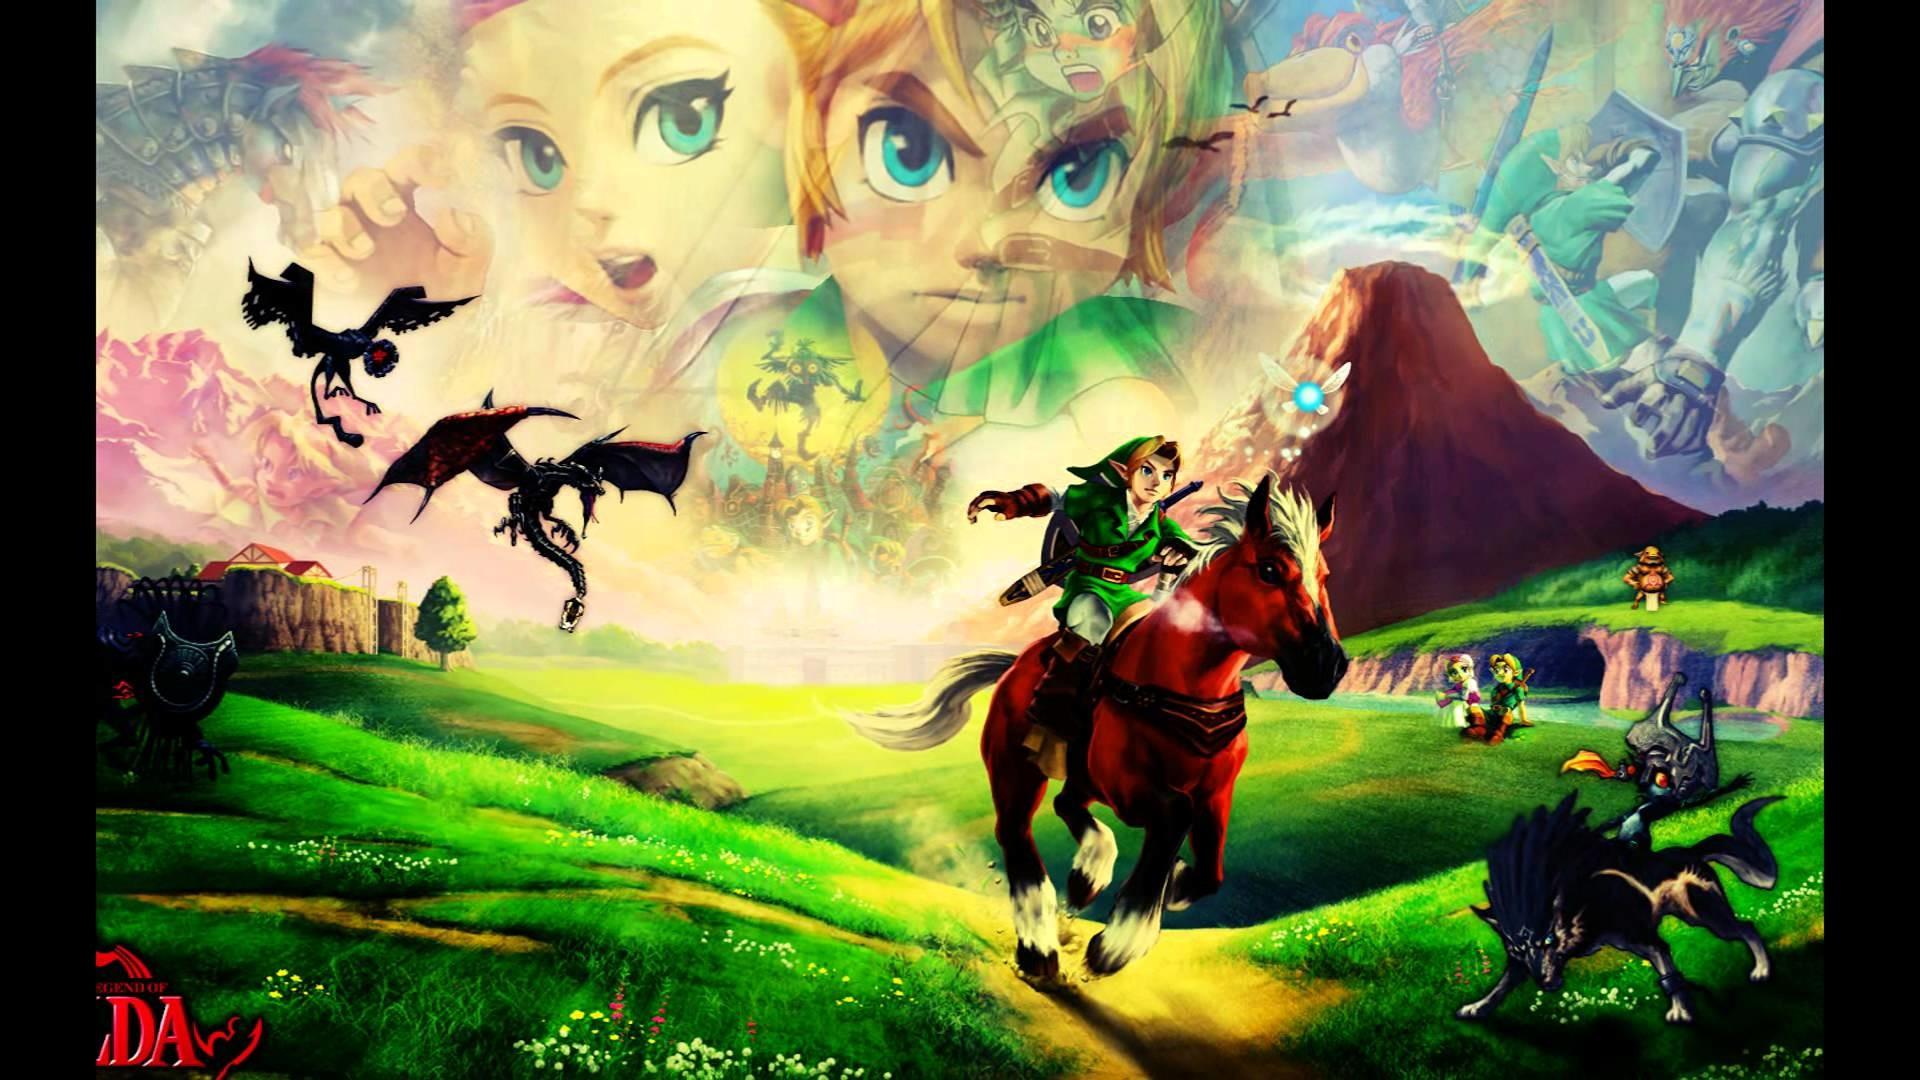 The Legend of Zelda: Skyward Sword|Ballad of The Goddess – 1080P HD